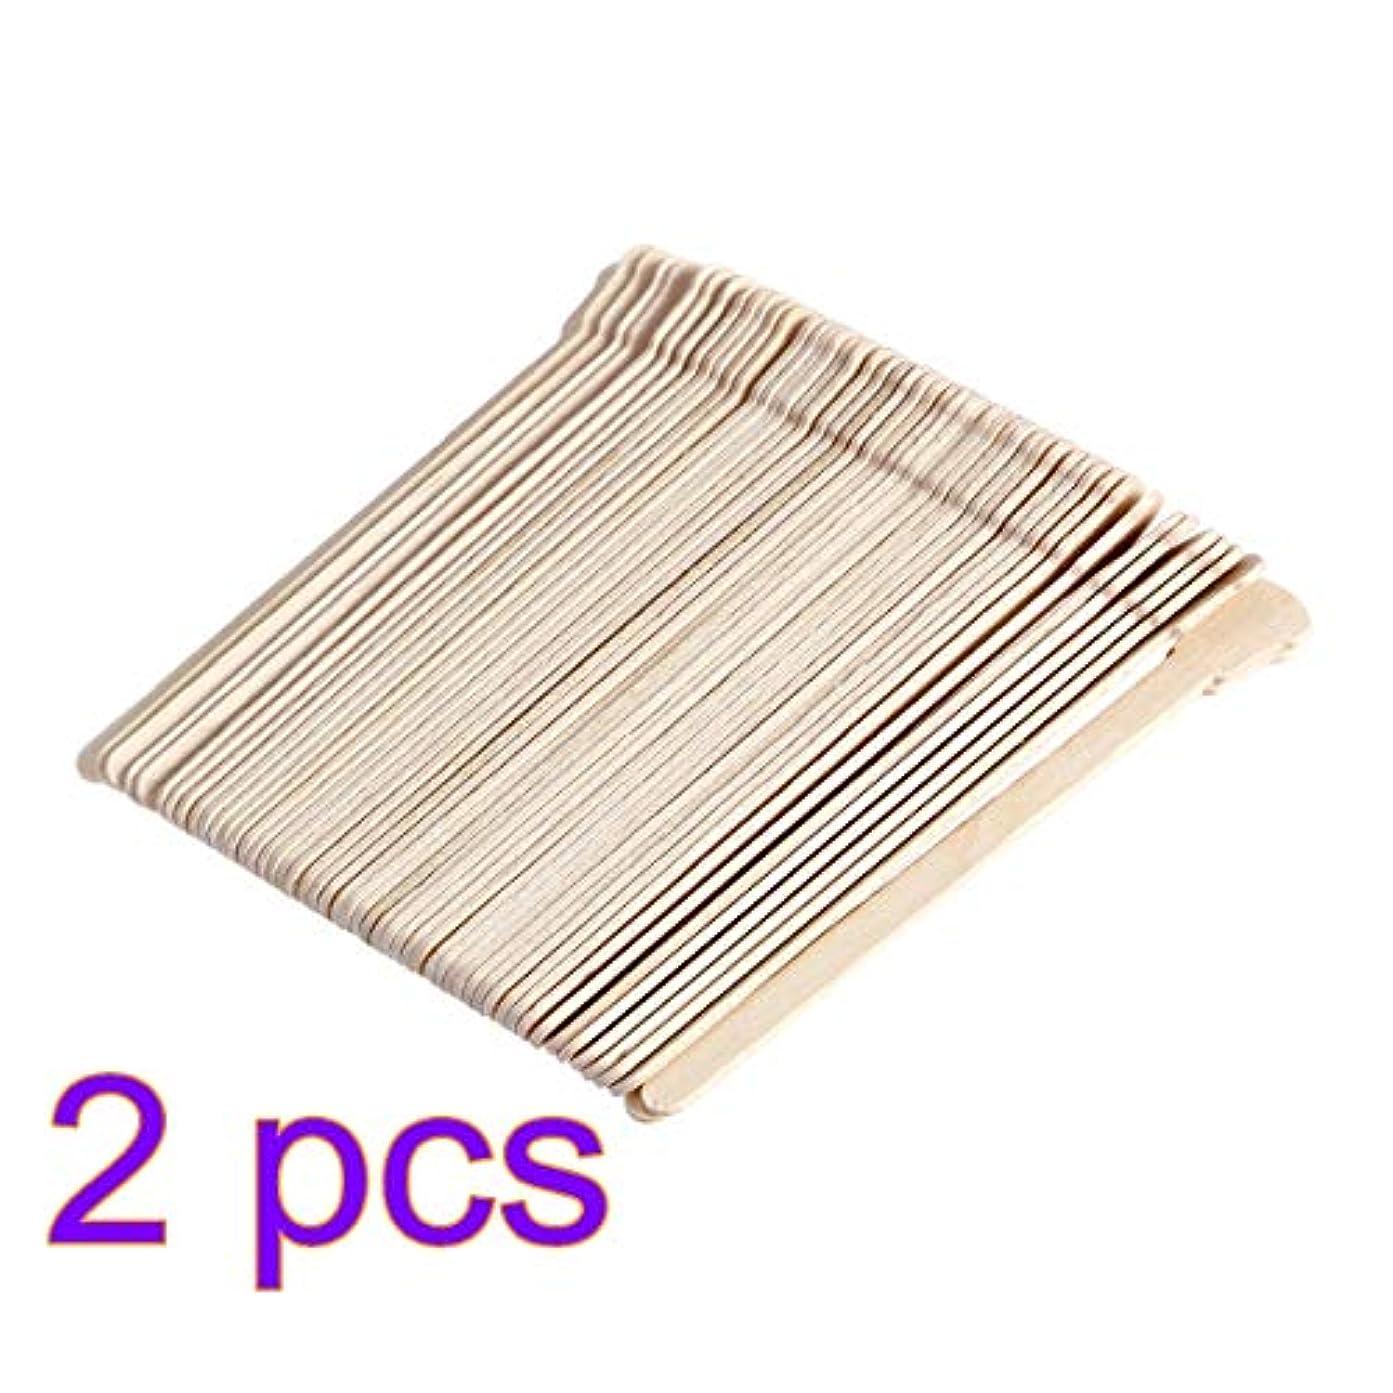 フライト複合とSUPVOX 100ピース木製ワックススティックフェイス眉毛ワックスへら脱毛(オリジナル木製色)